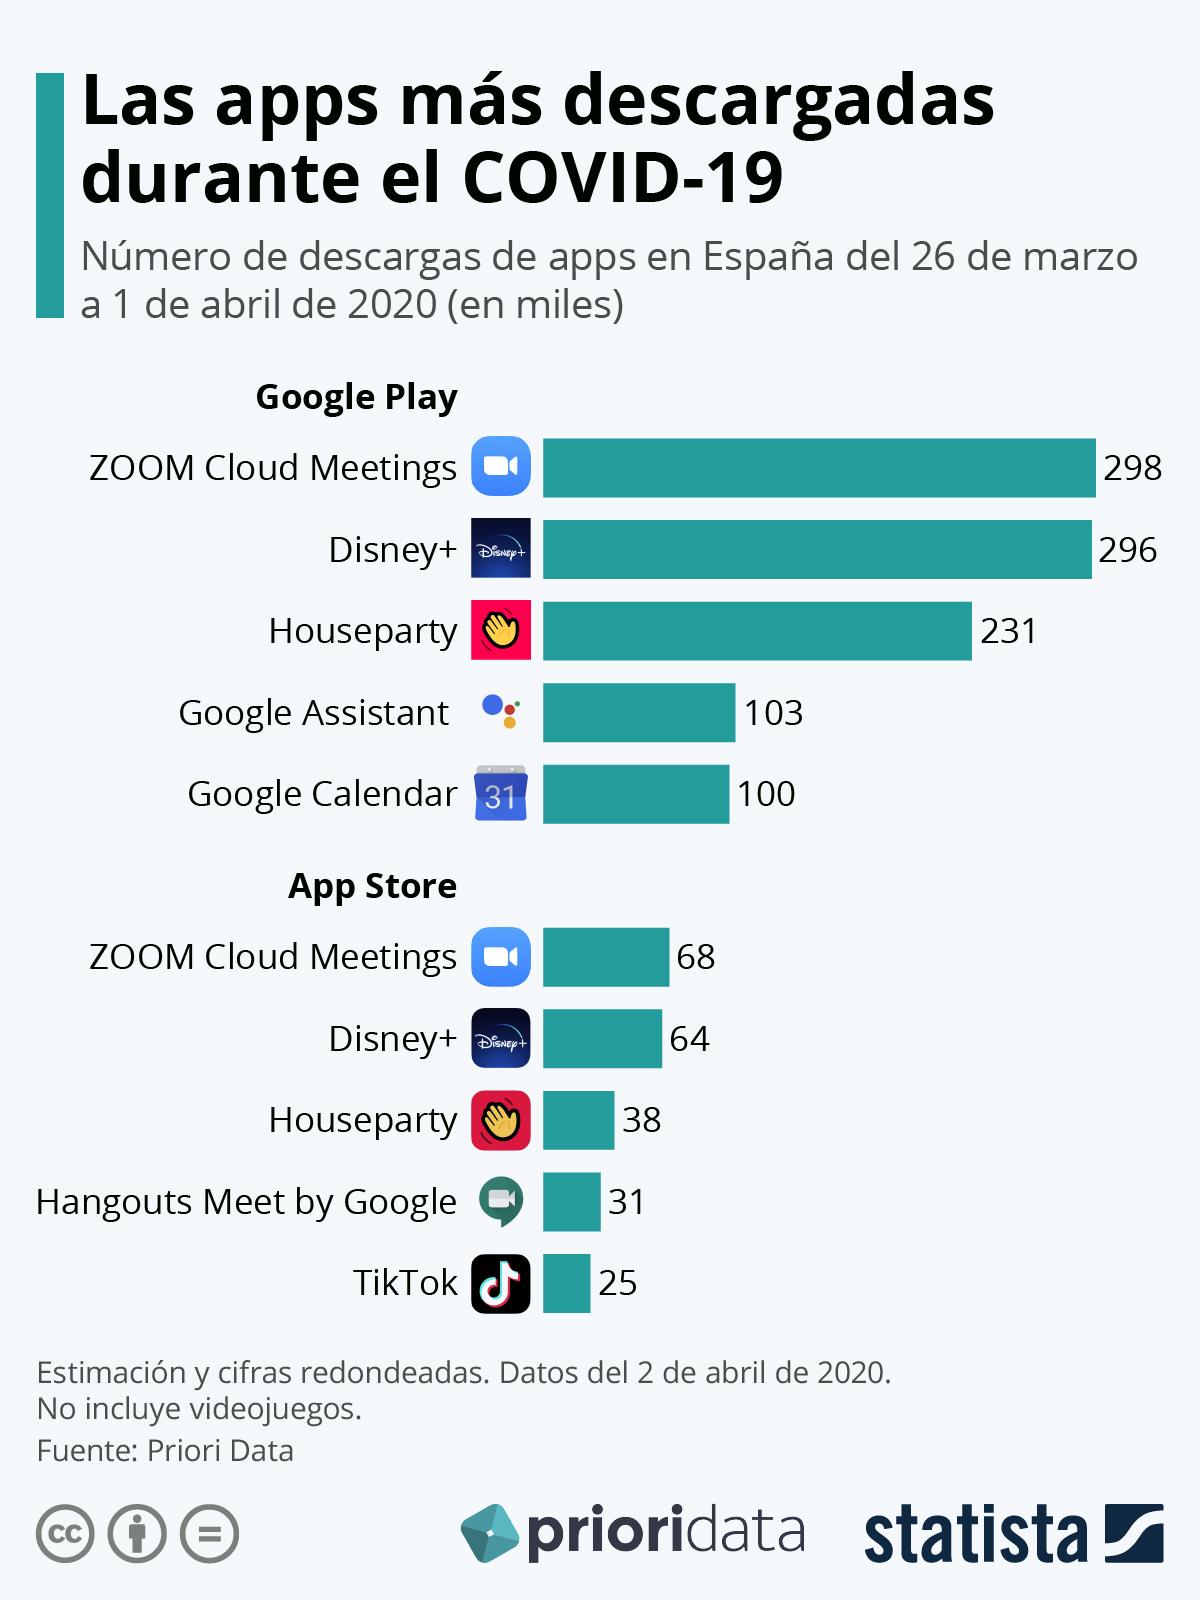 s apps más descargadas durante el COVID-19 | Statista y Prioridata